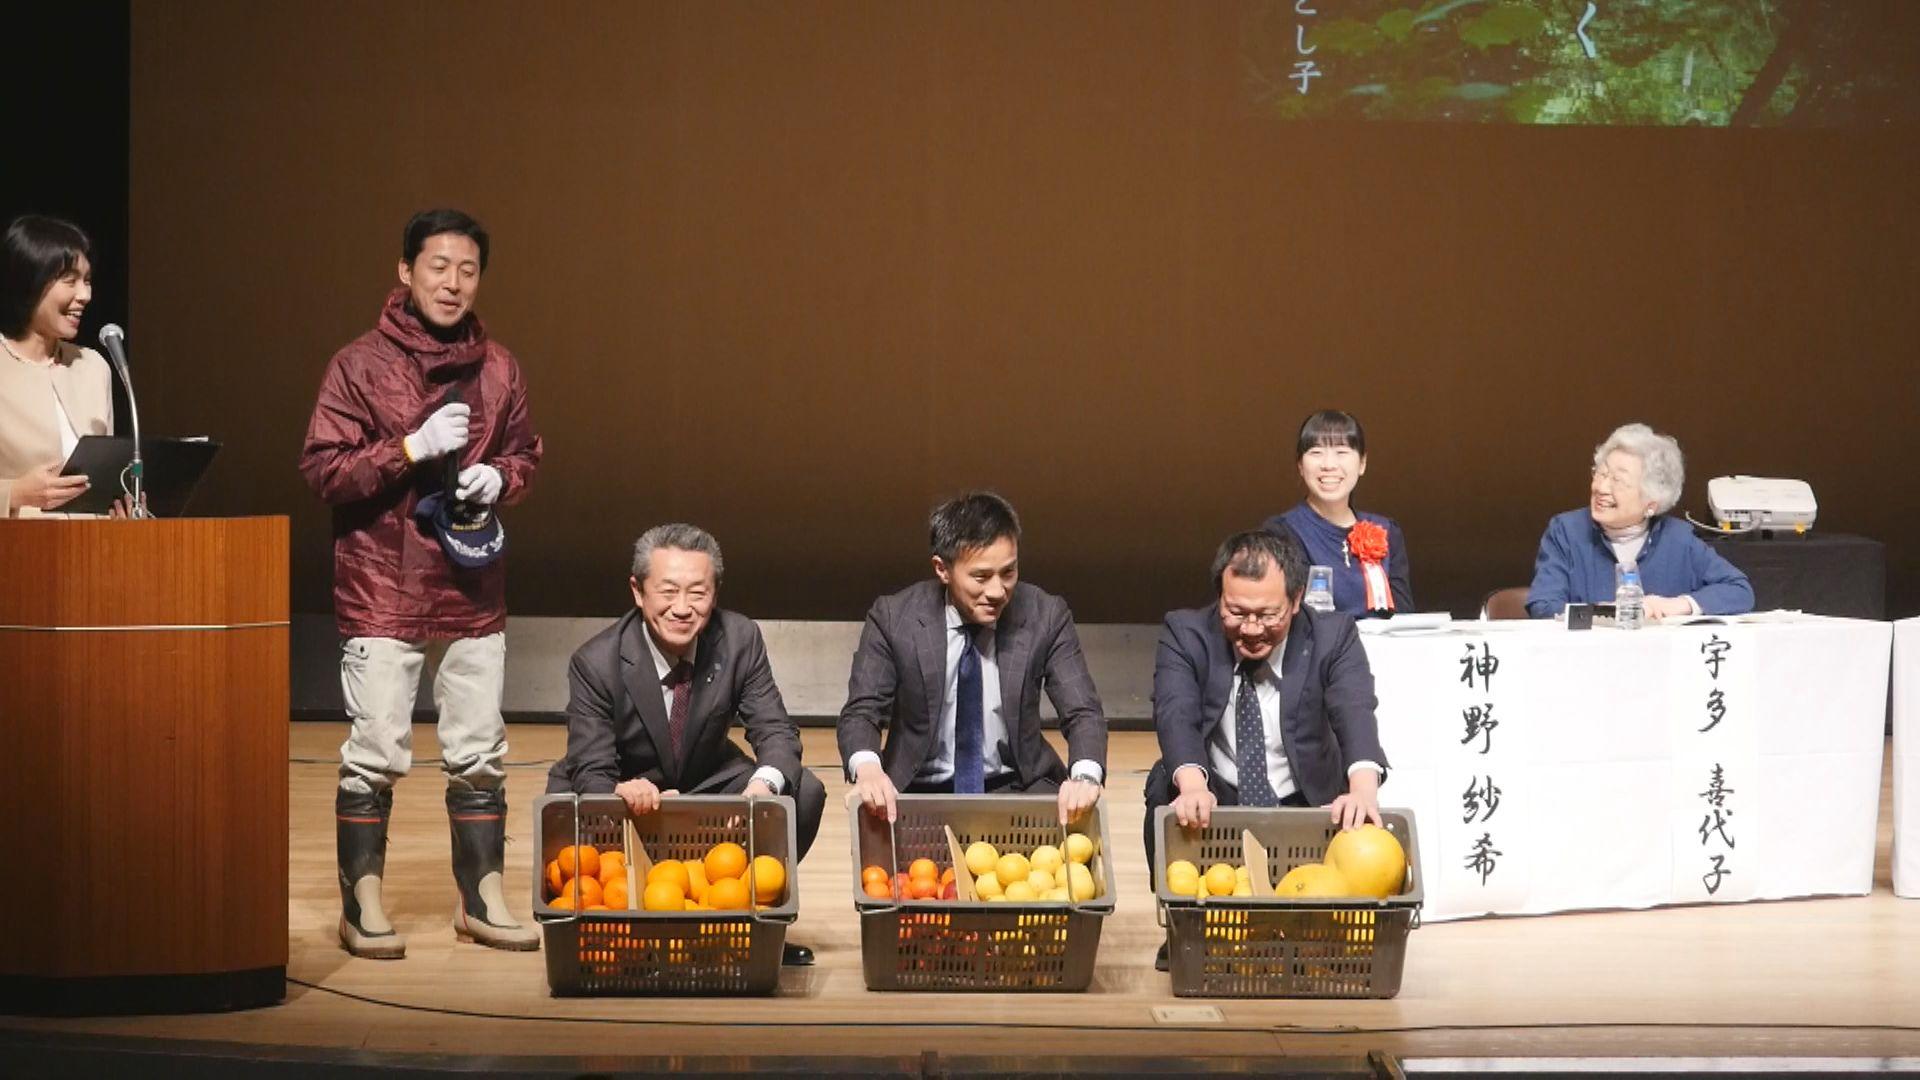 松山の特産品といえばミカンをはじめとする柑橘類! ご協賛の伊予銀行賞の副賞として受賞者のみなさまに贈られました。